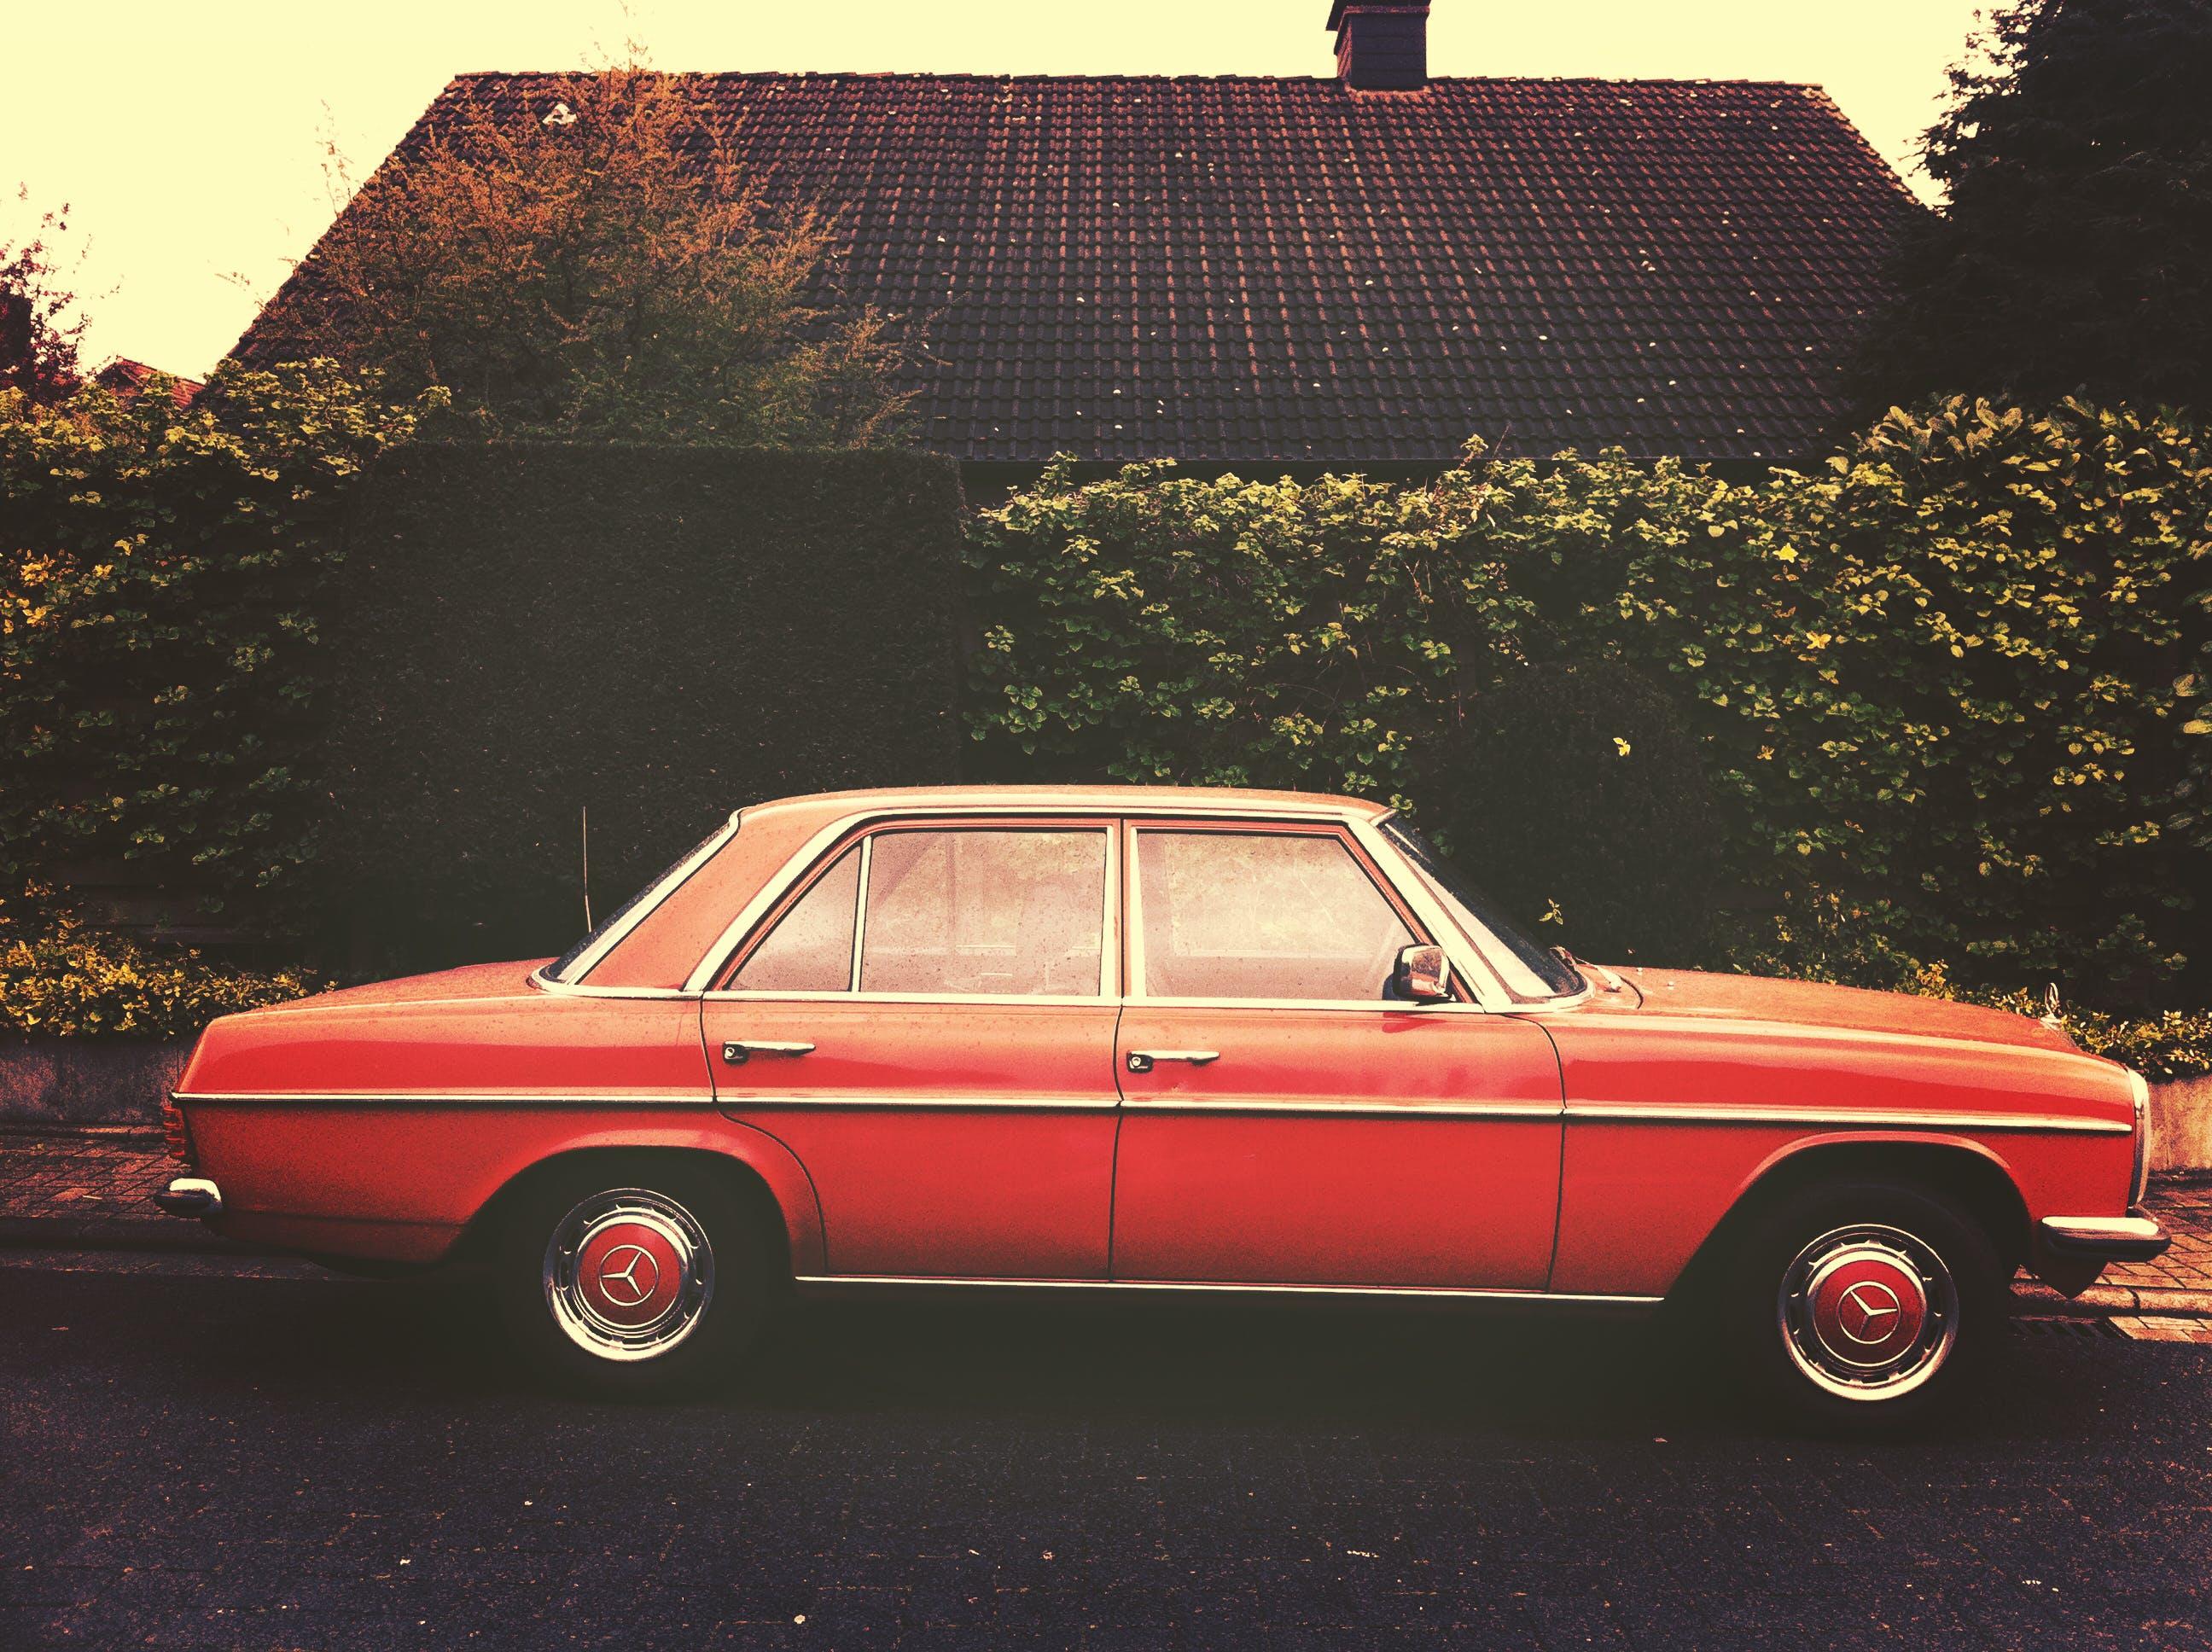 Kostenloses Stock Foto zu automobil, desktop-hintergrund, hintergrundbilder, klassisch